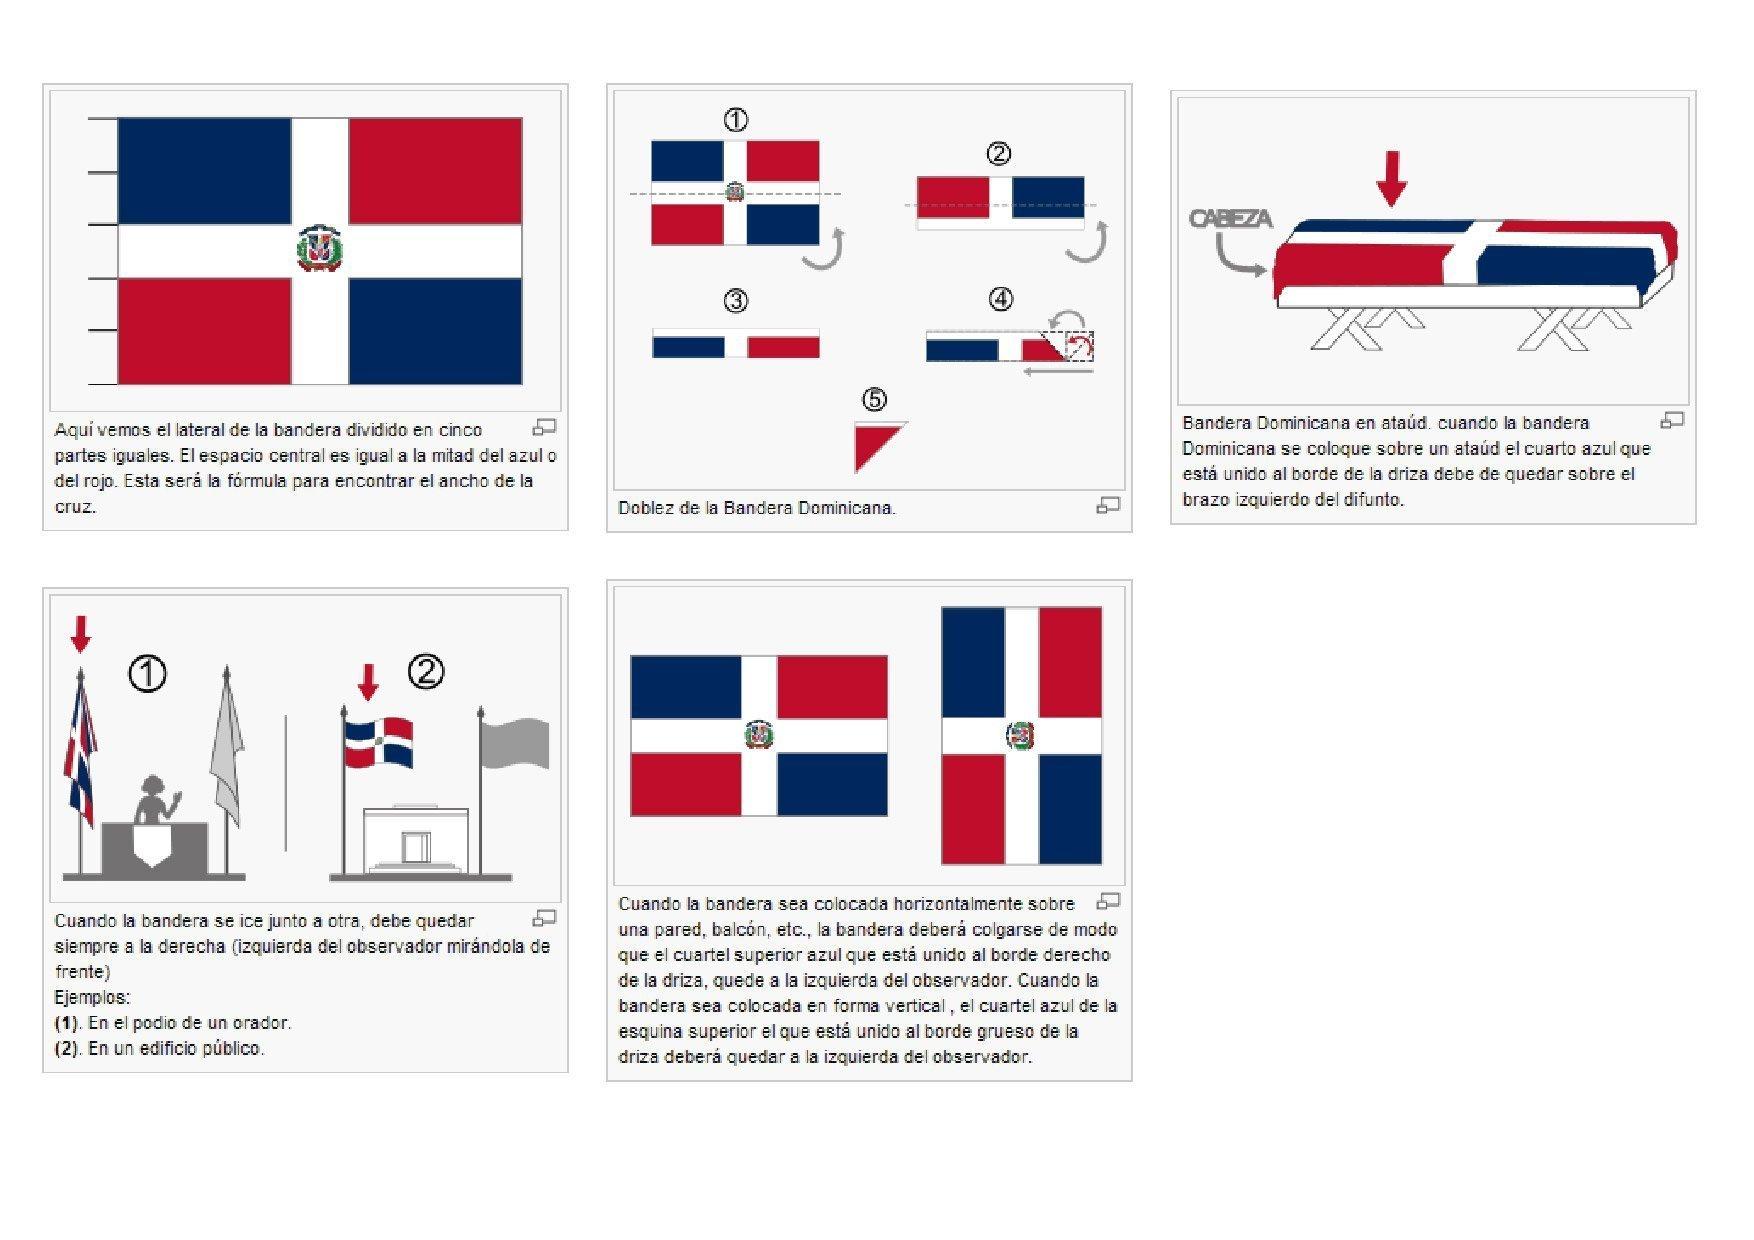 Sabías que la bandera dominicana tiene regulado por ley ……………